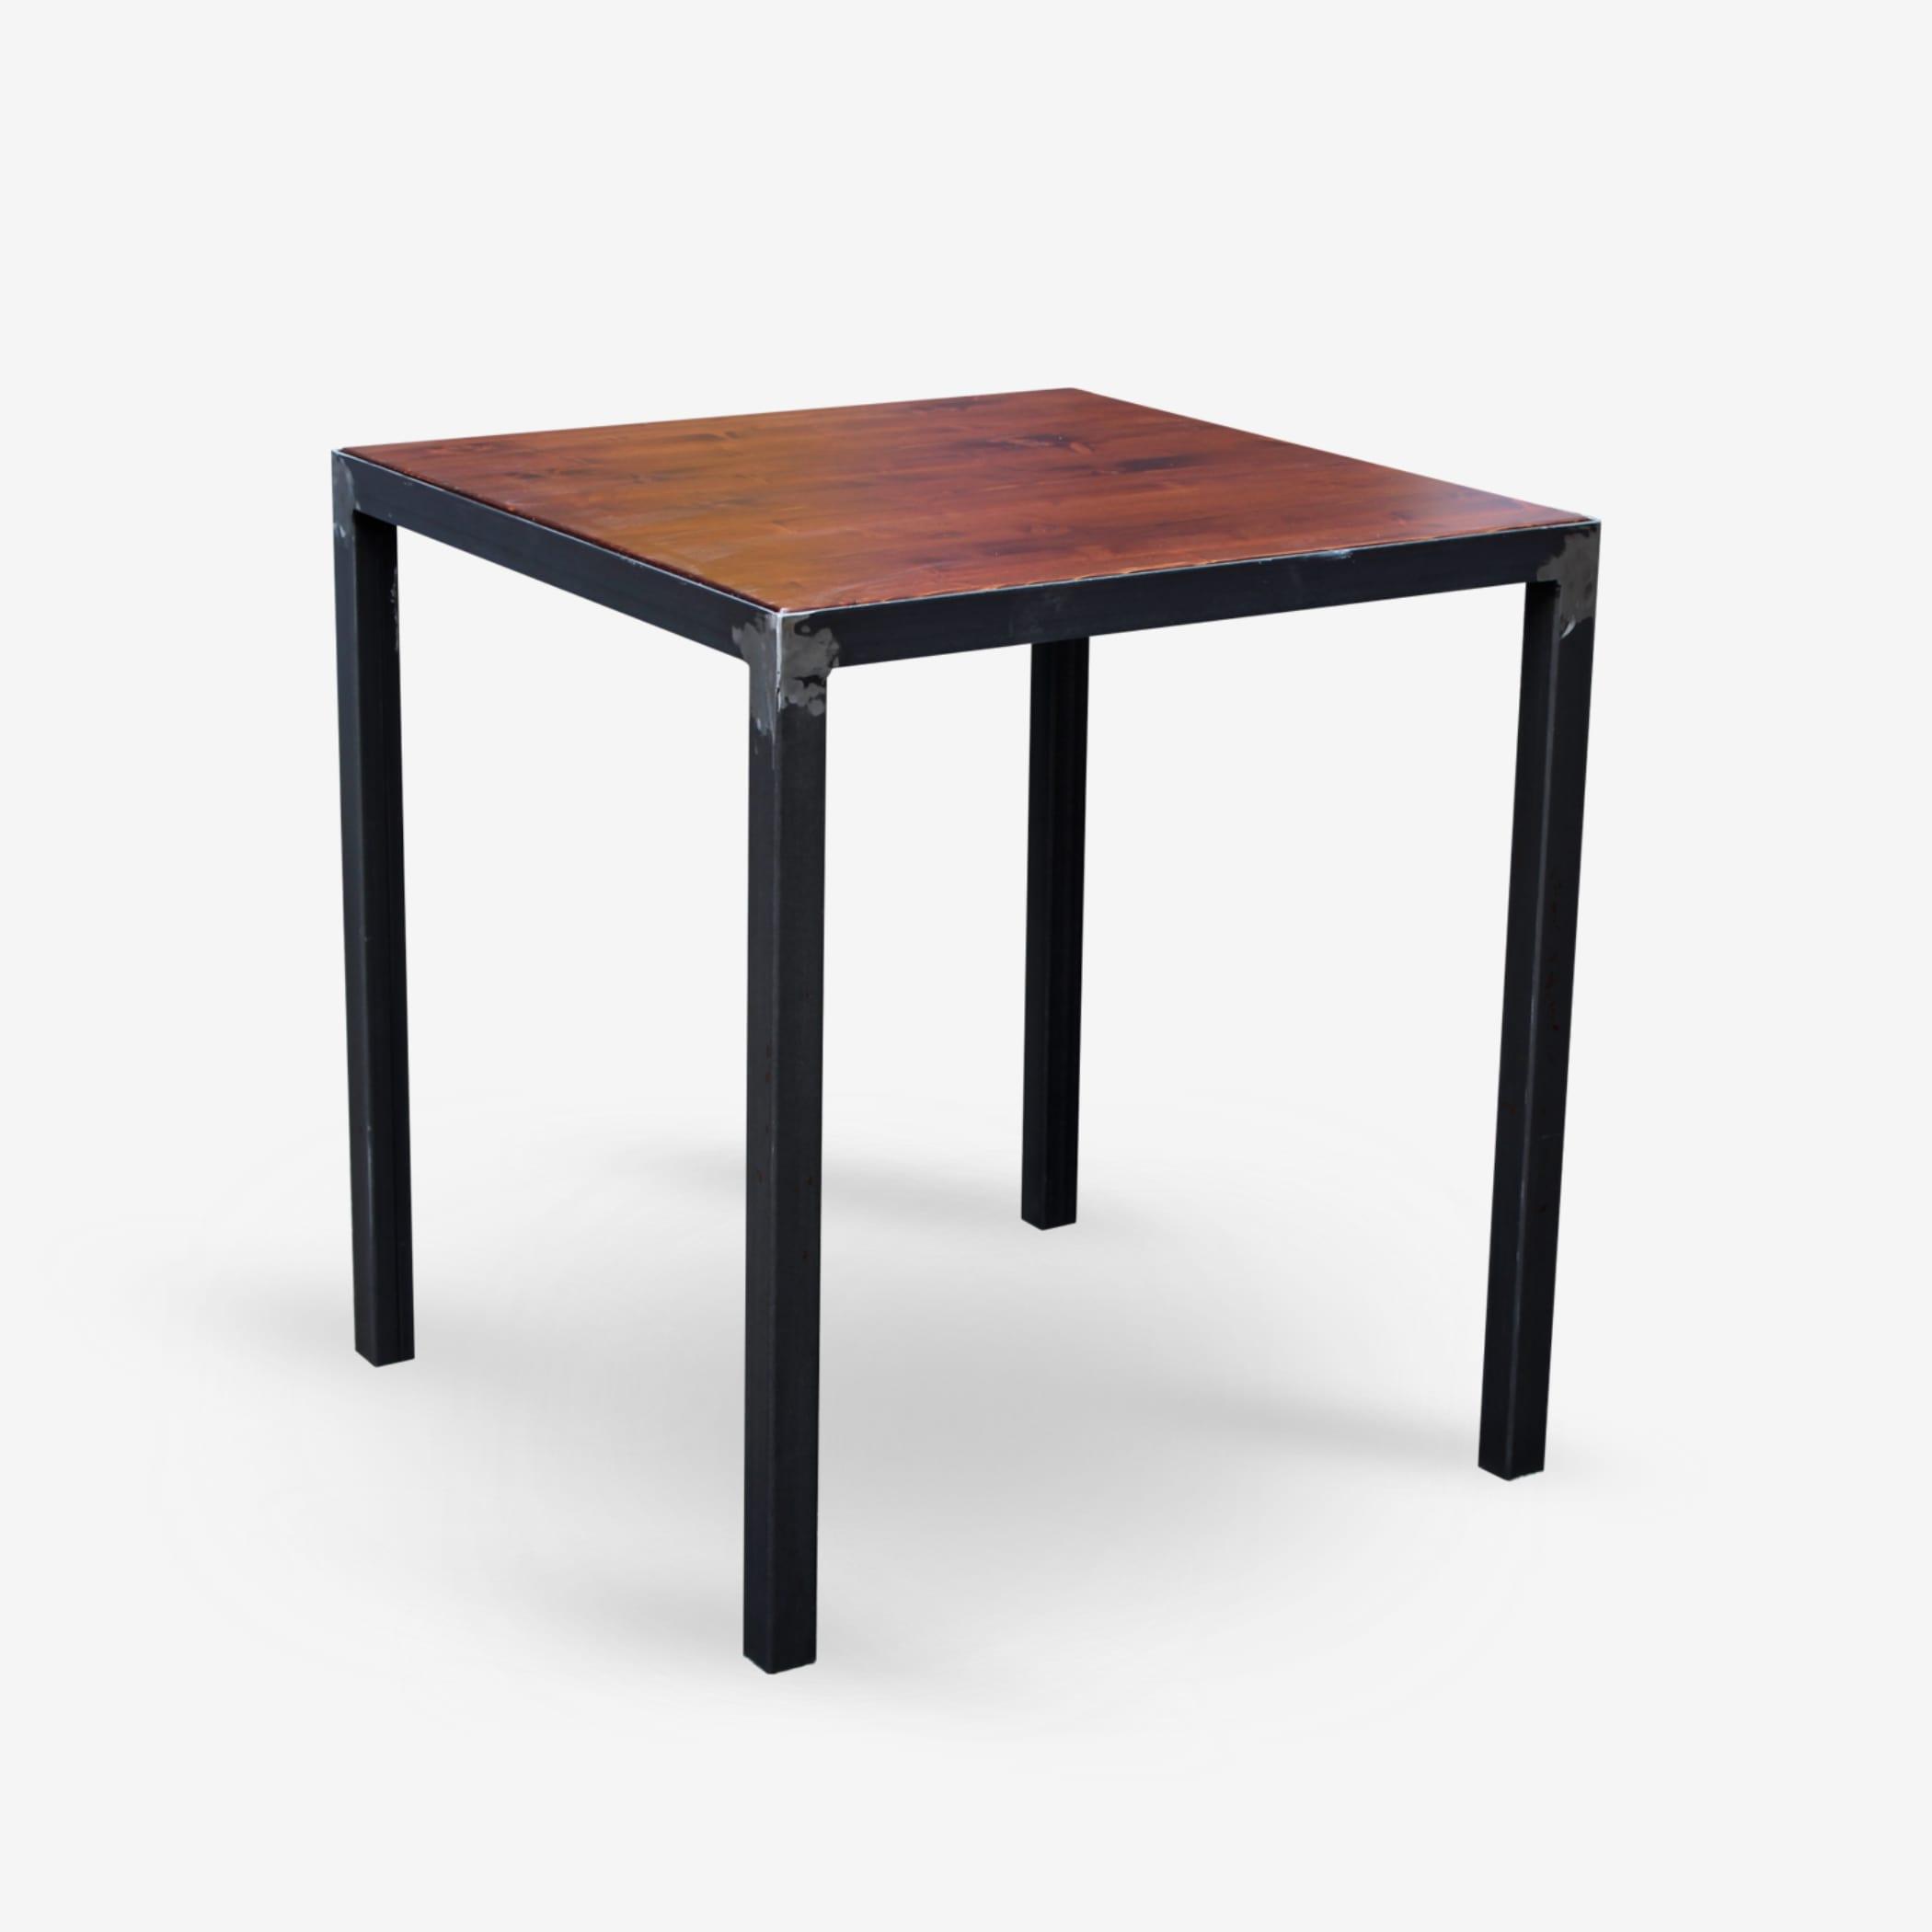 produzione-tavolo-in-legno-e-in-metallo-per-arredamento-ristoranti-arredamento-bar-arredo-alberghi-arredo-negozi-uffici-tavoli-per-arredamento-contract-FEBO